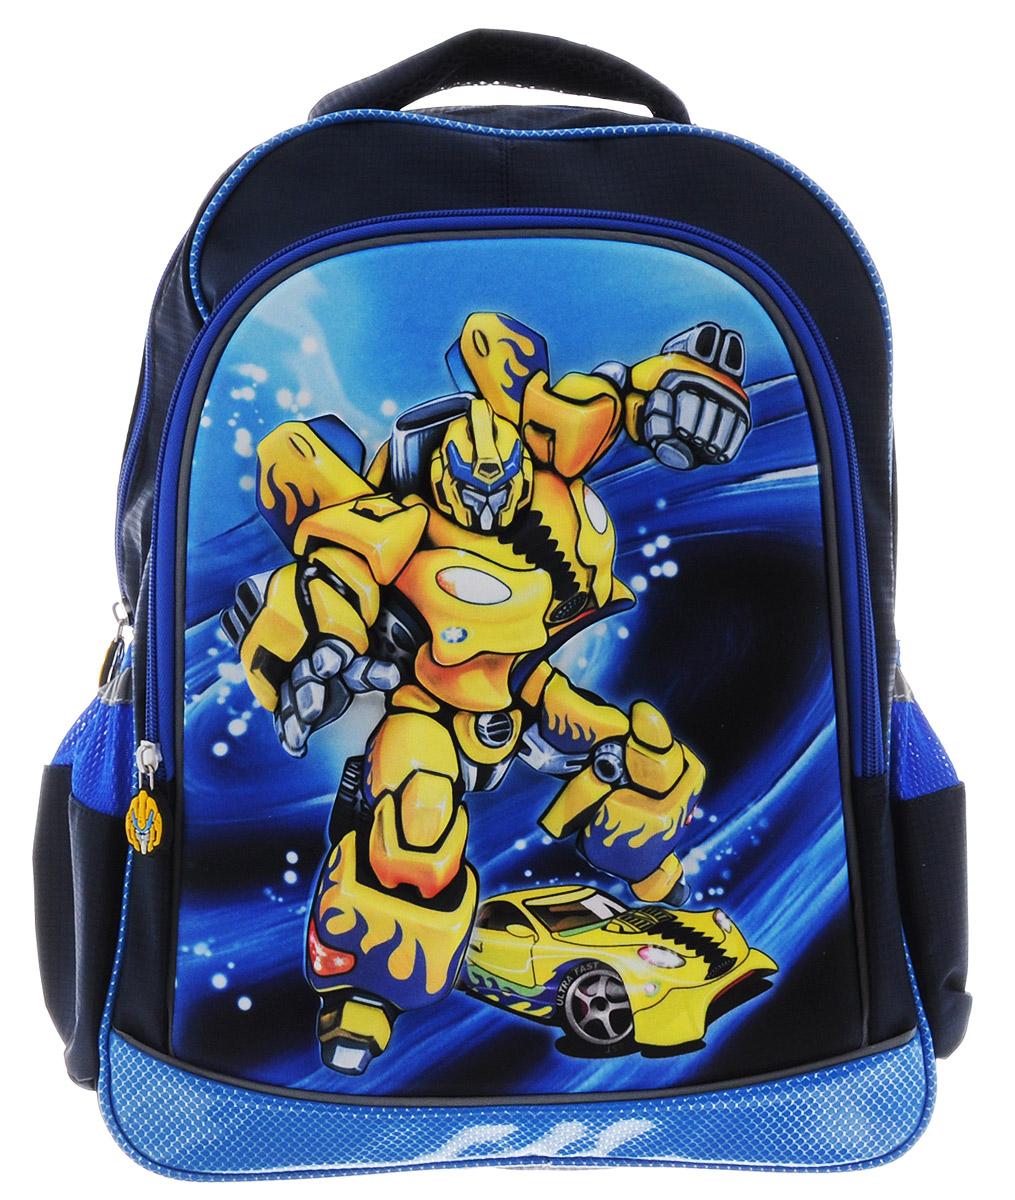 Centrum Рюкзак детский Robot цвет синий черный желтый129111Рюкзак школьный Robot обязательно понравится вашему школьнику. Он выполнен из прочного материала с рельефным изображением грозного робота на лицевой стороне. Содержит одно вместительное отделение, закрывающееся на застежку-молнию. На лицевой стороне расположен большой карман на молнии. Бегунки застежек дополнены прорезиненными держателями. По бокам рюкзак оснащен двумя открытыми накладными кармашками на резинках. Конструкция спинки дополнена эргономичными подушечками, противоскользящей сеточкой и системой вентиляции для предотвращения запотевания спины ребенка. Мягкие широкие лямки позволяют легко и быстро отрегулировать ранец в соответствии с ростом. Рюкзак оснащен широкой текстильной ручкой для удобной переноски в руке. Рюкзак дополнен светоотражающими вставками. Многофункциональный школьный рюкзак станет незаменимым спутником вашего ребенка в походах за знаниями.